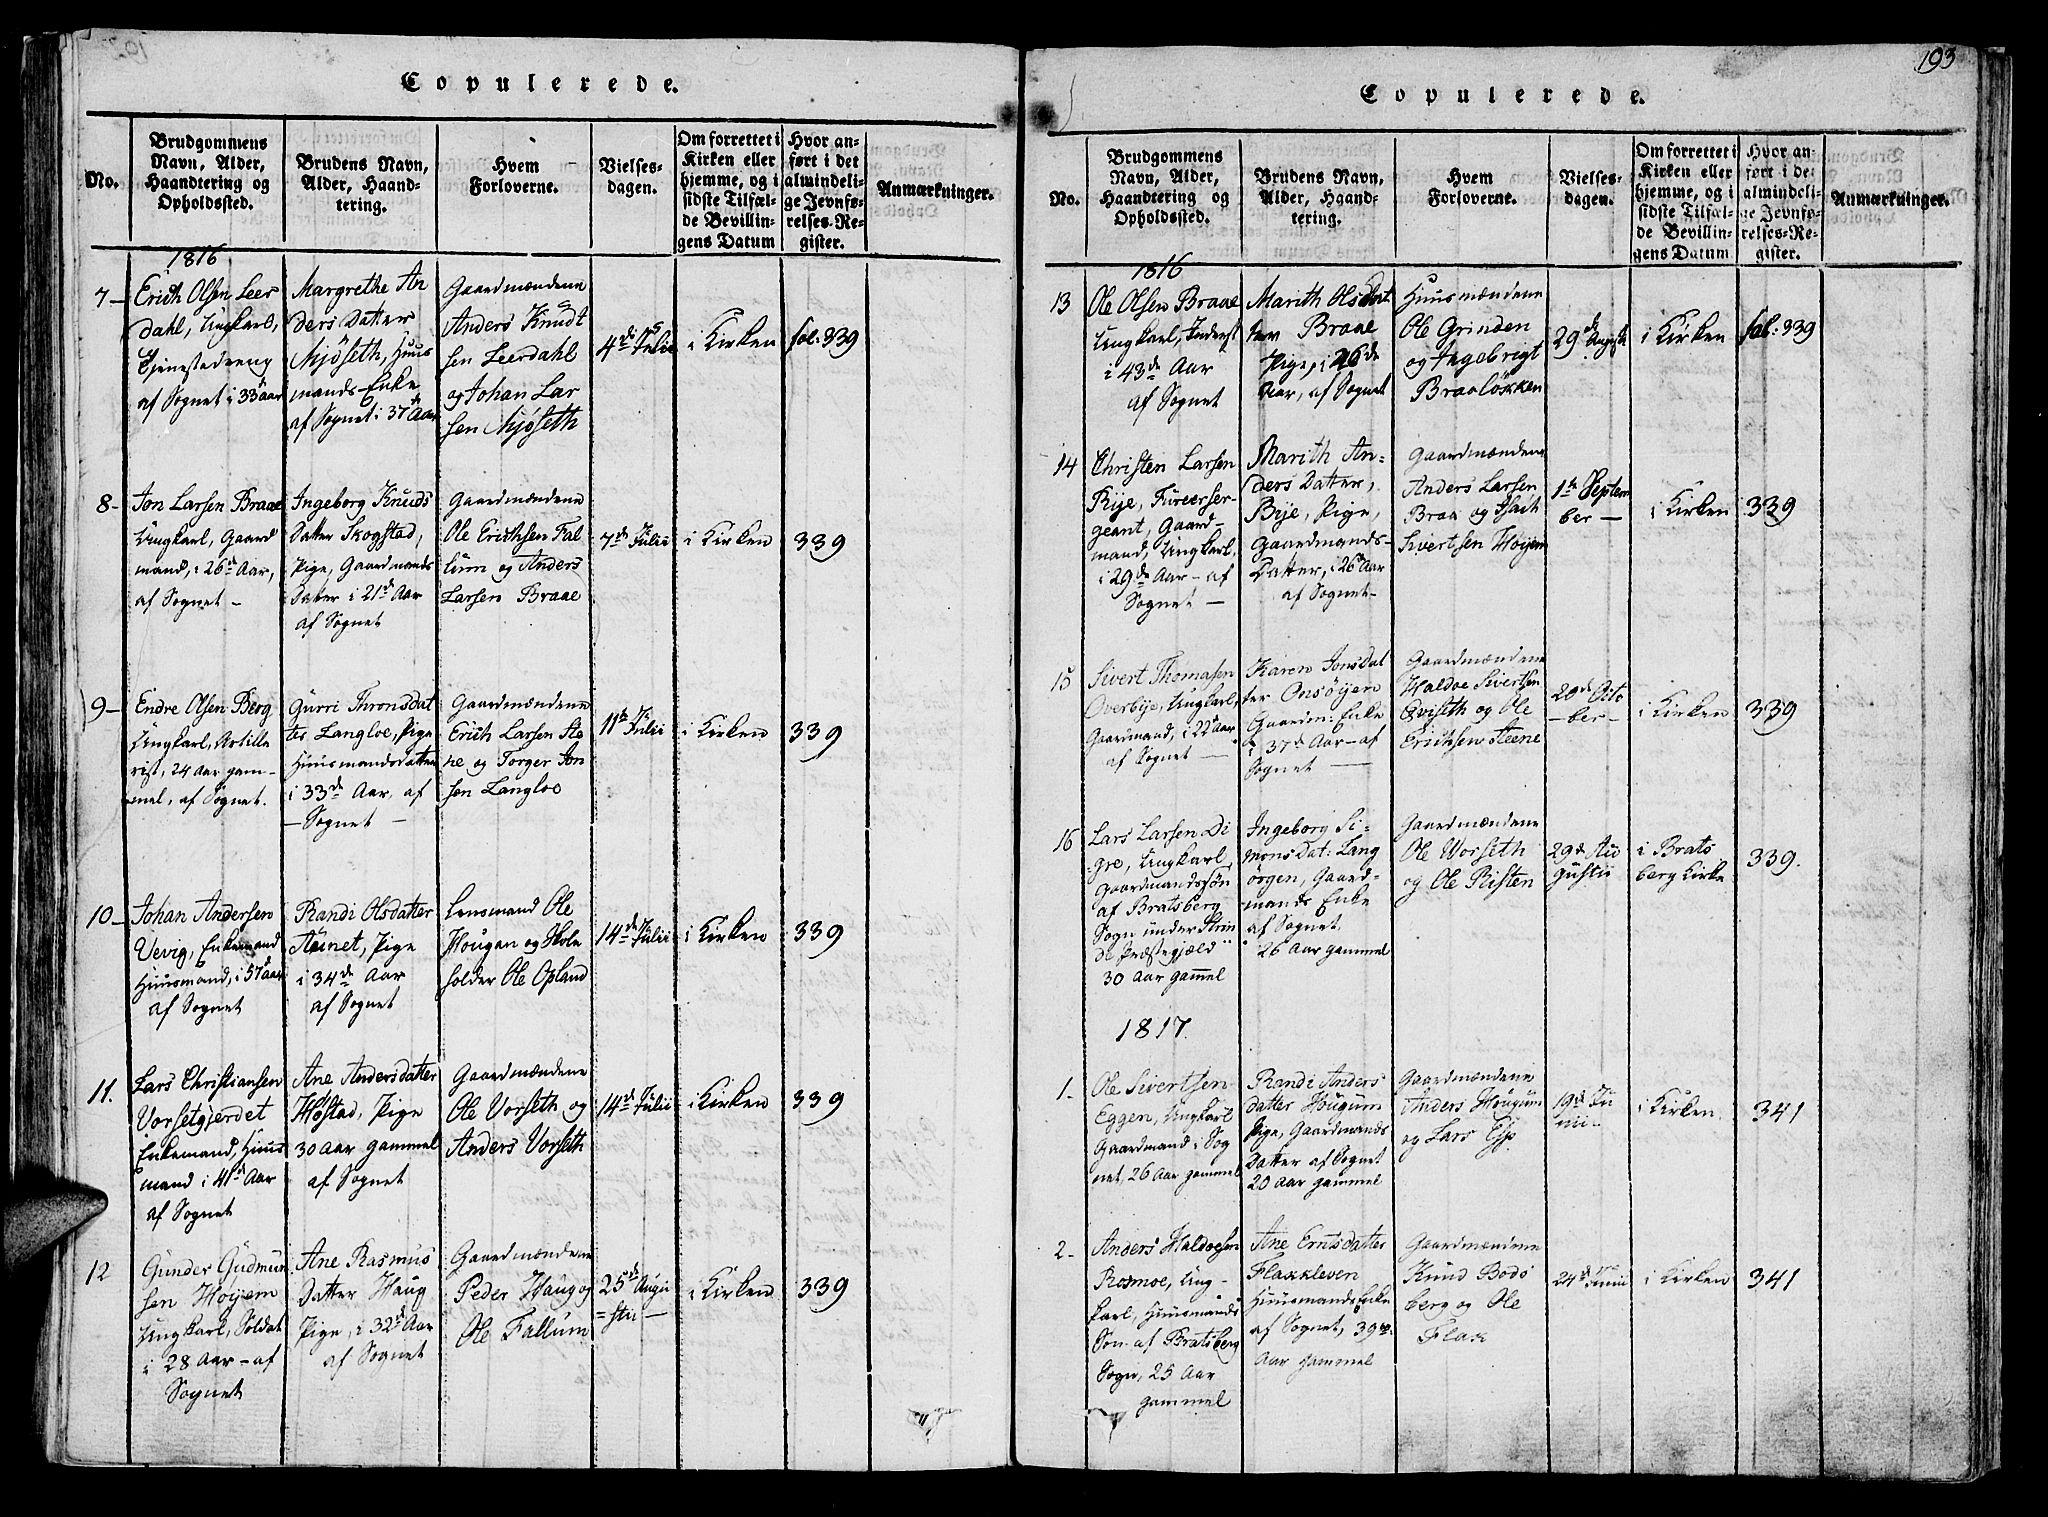 SAT, Ministerialprotokoller, klokkerbøker og fødselsregistre - Sør-Trøndelag, 612/L0372: Ministerialbok nr. 612A06 /1, 1816-1828, s. 193